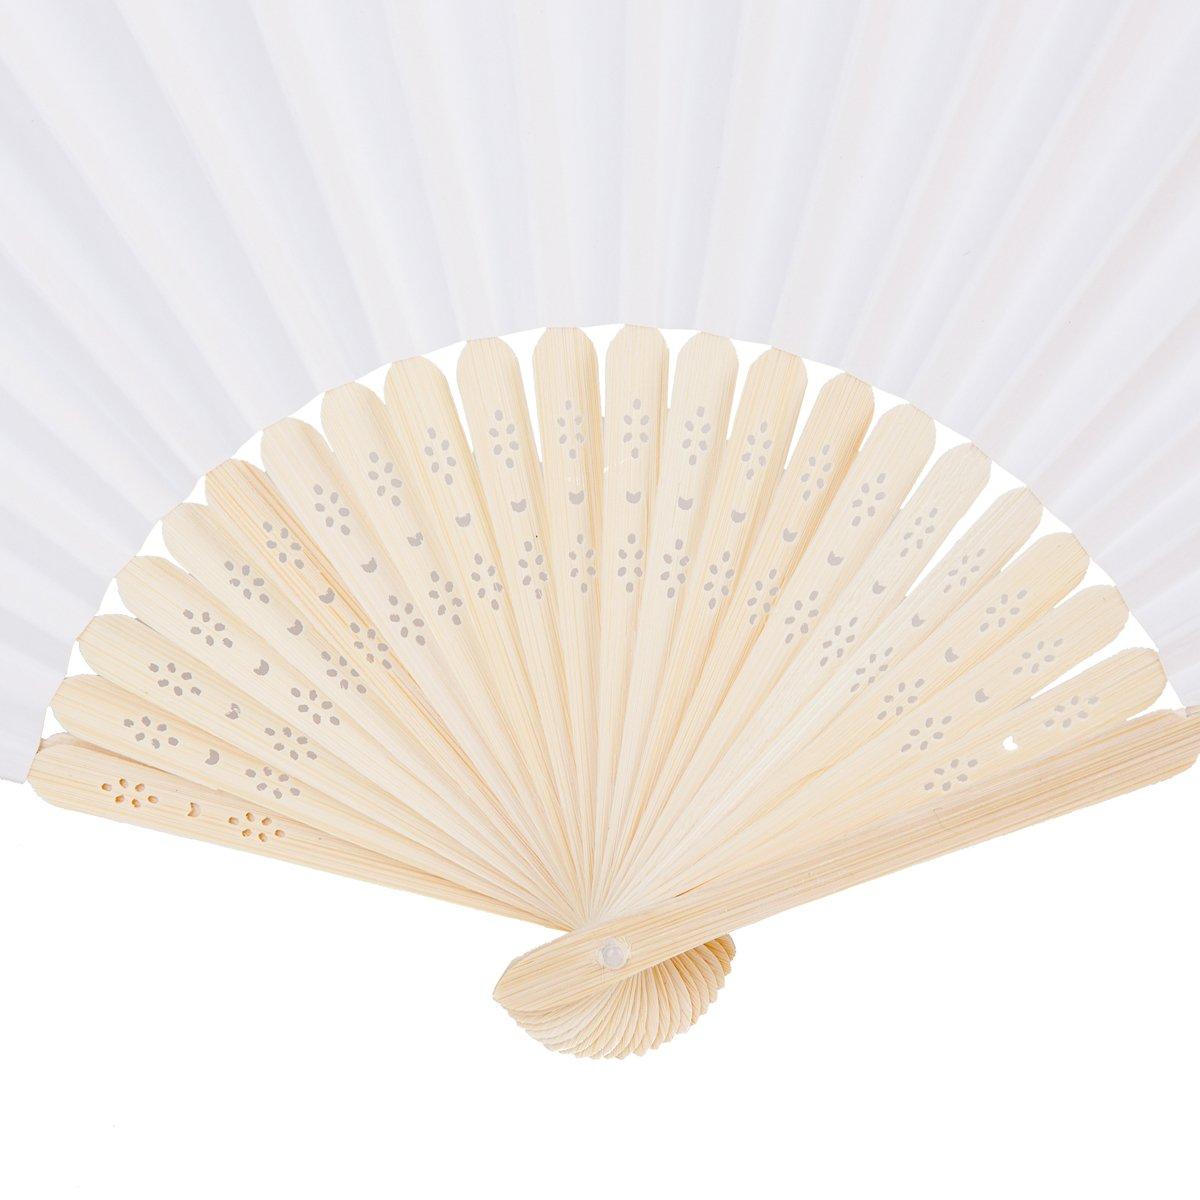 Amazon.com: Sepwedd 50pcs white paper hand fan White Bamboo Folding ...